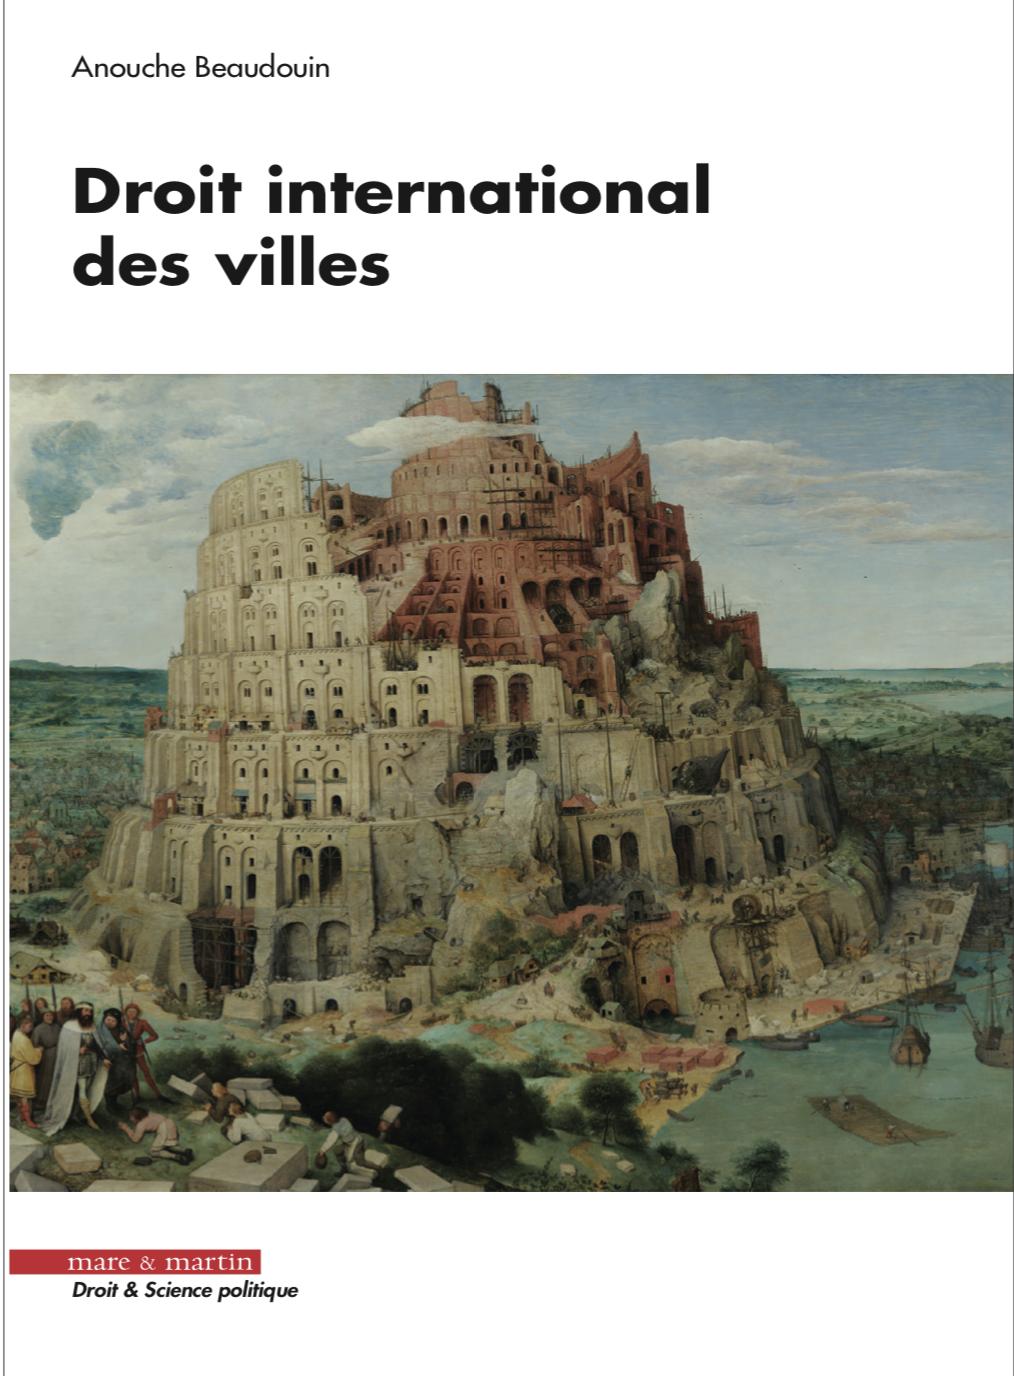 Droit international des villes